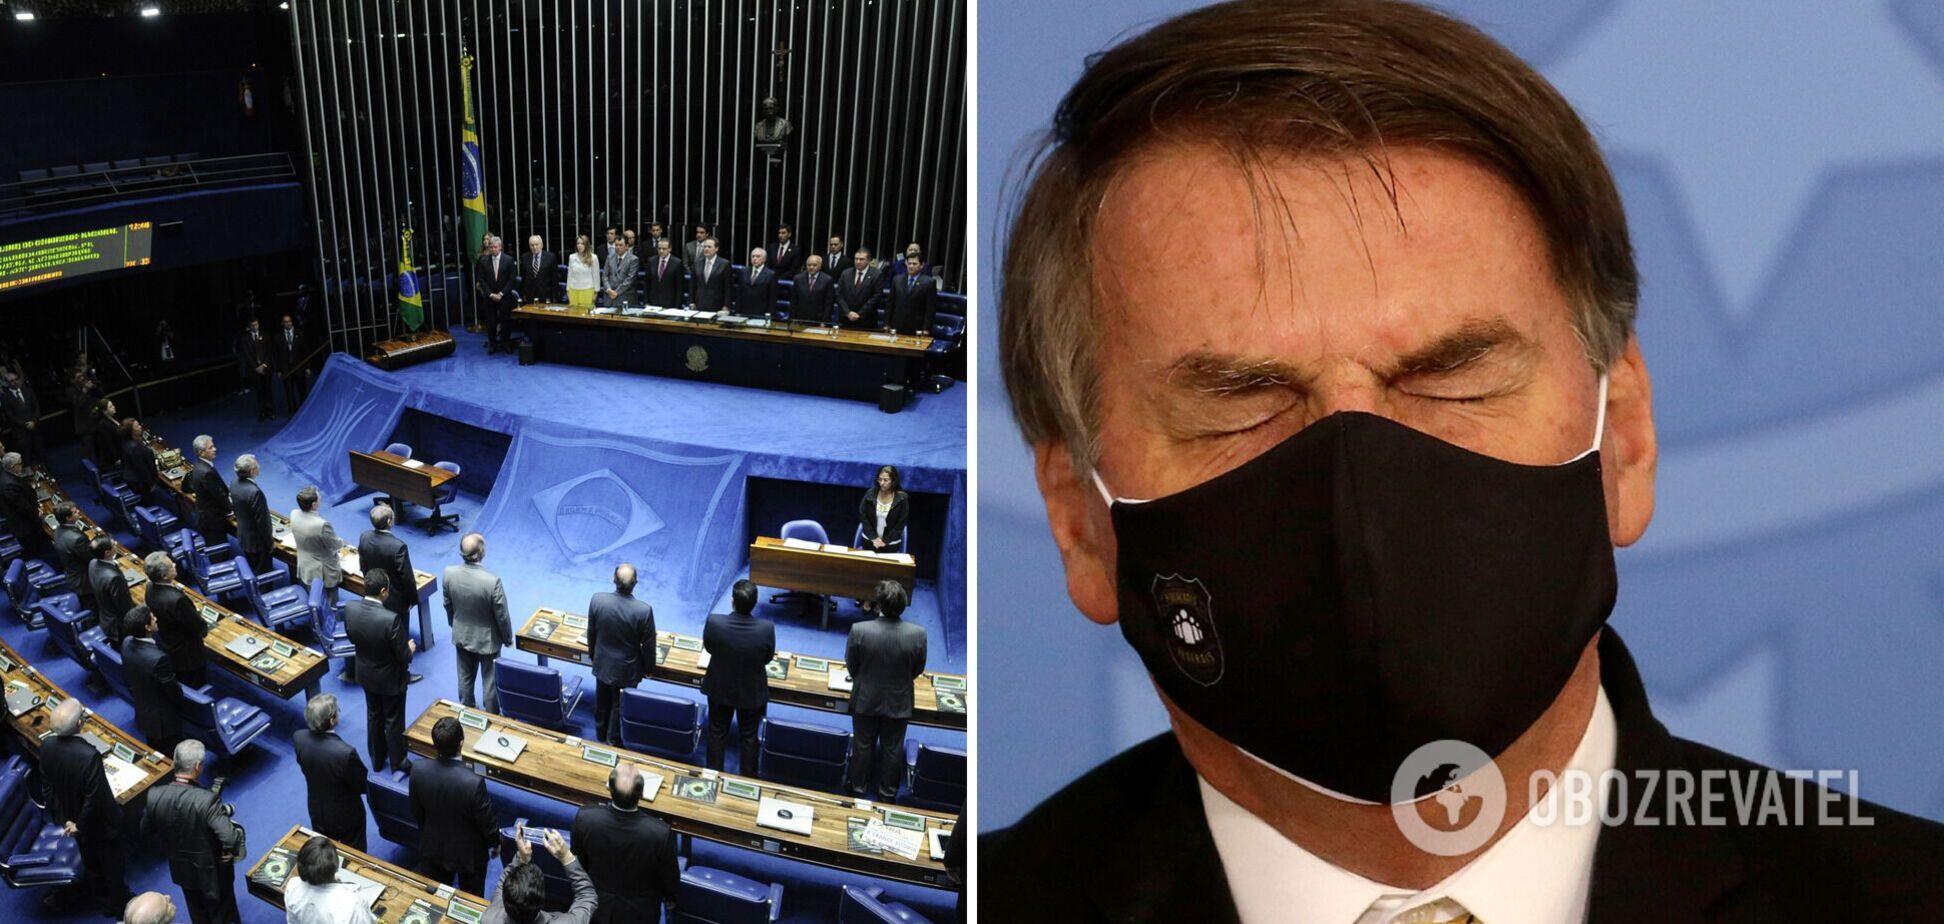 Бразильський сенат визнав президента Болсонару винним у злочинах проти людяності